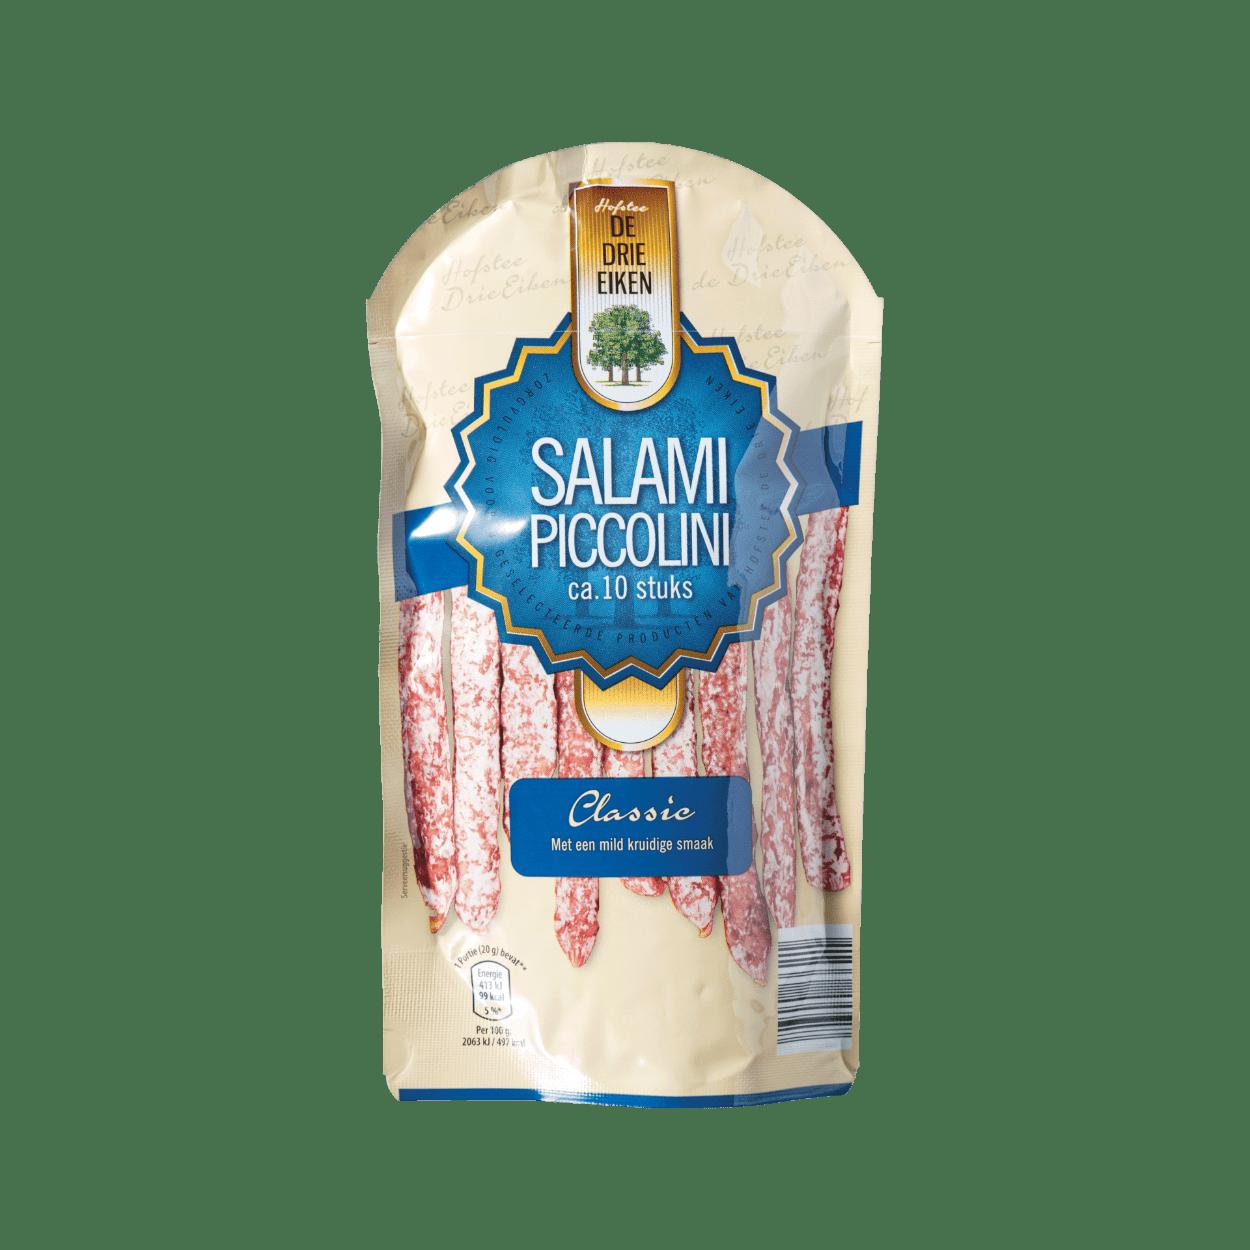 Salami Piccolini